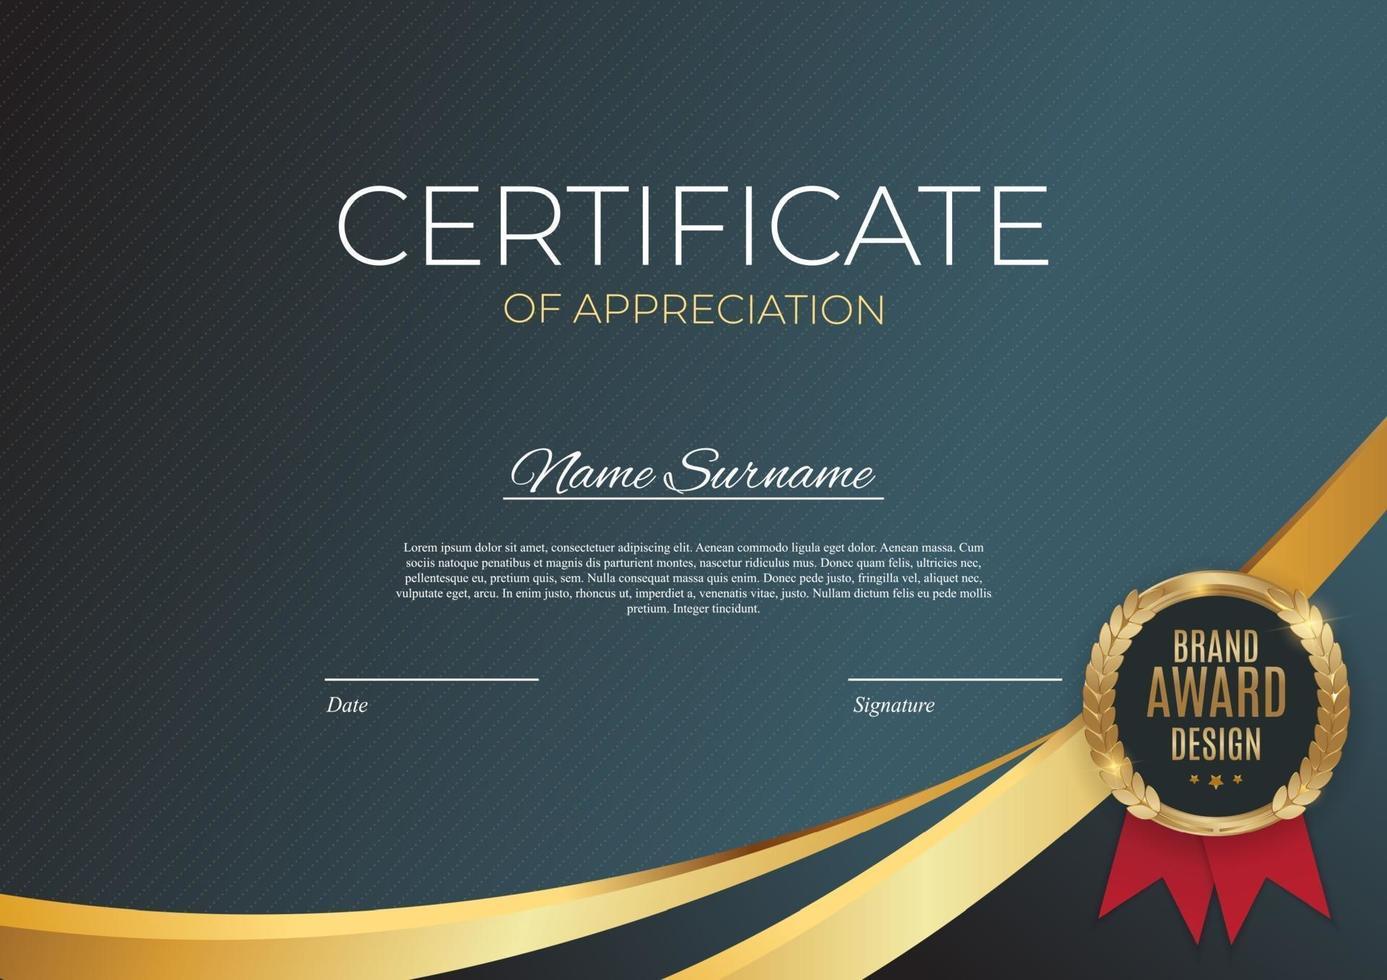 certificaat van prestatie-sjabloon. achtergrond met gouden badge en rand. vector